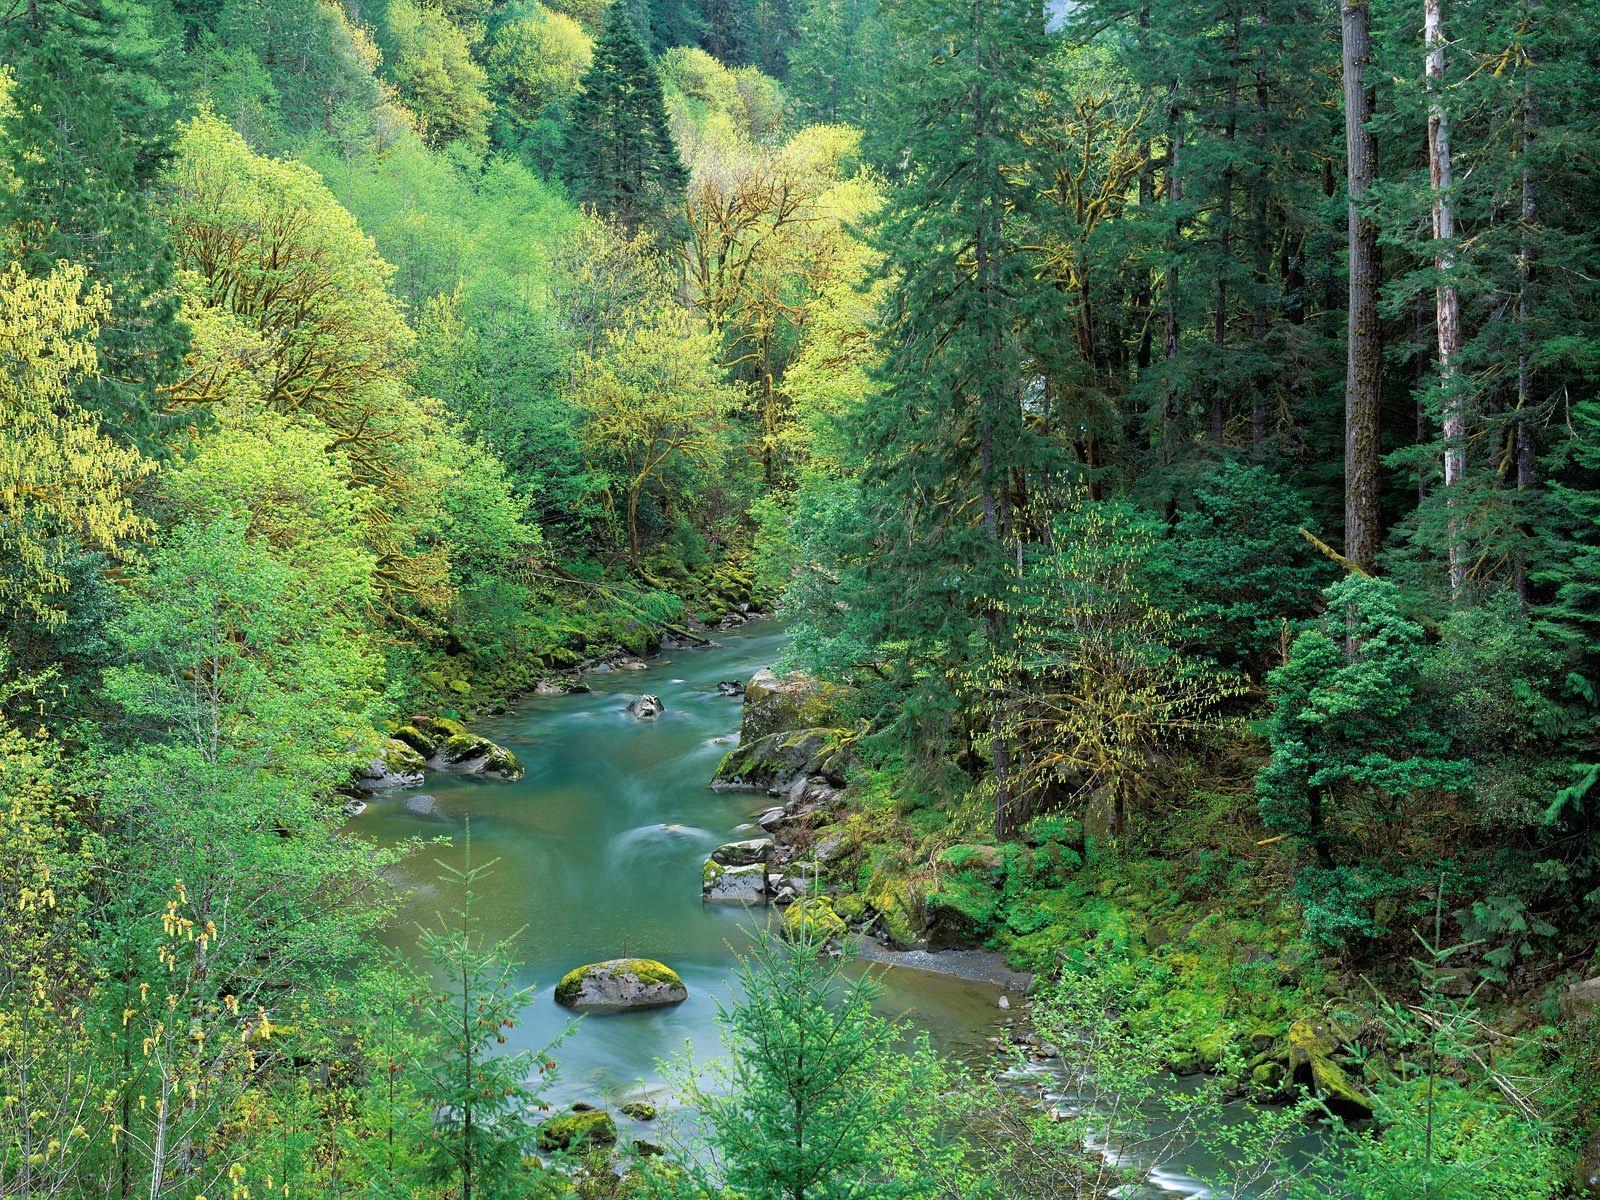 Nature Scenes   Rivers and Creeks n 1 Fiumi e Insenature 1600x1200